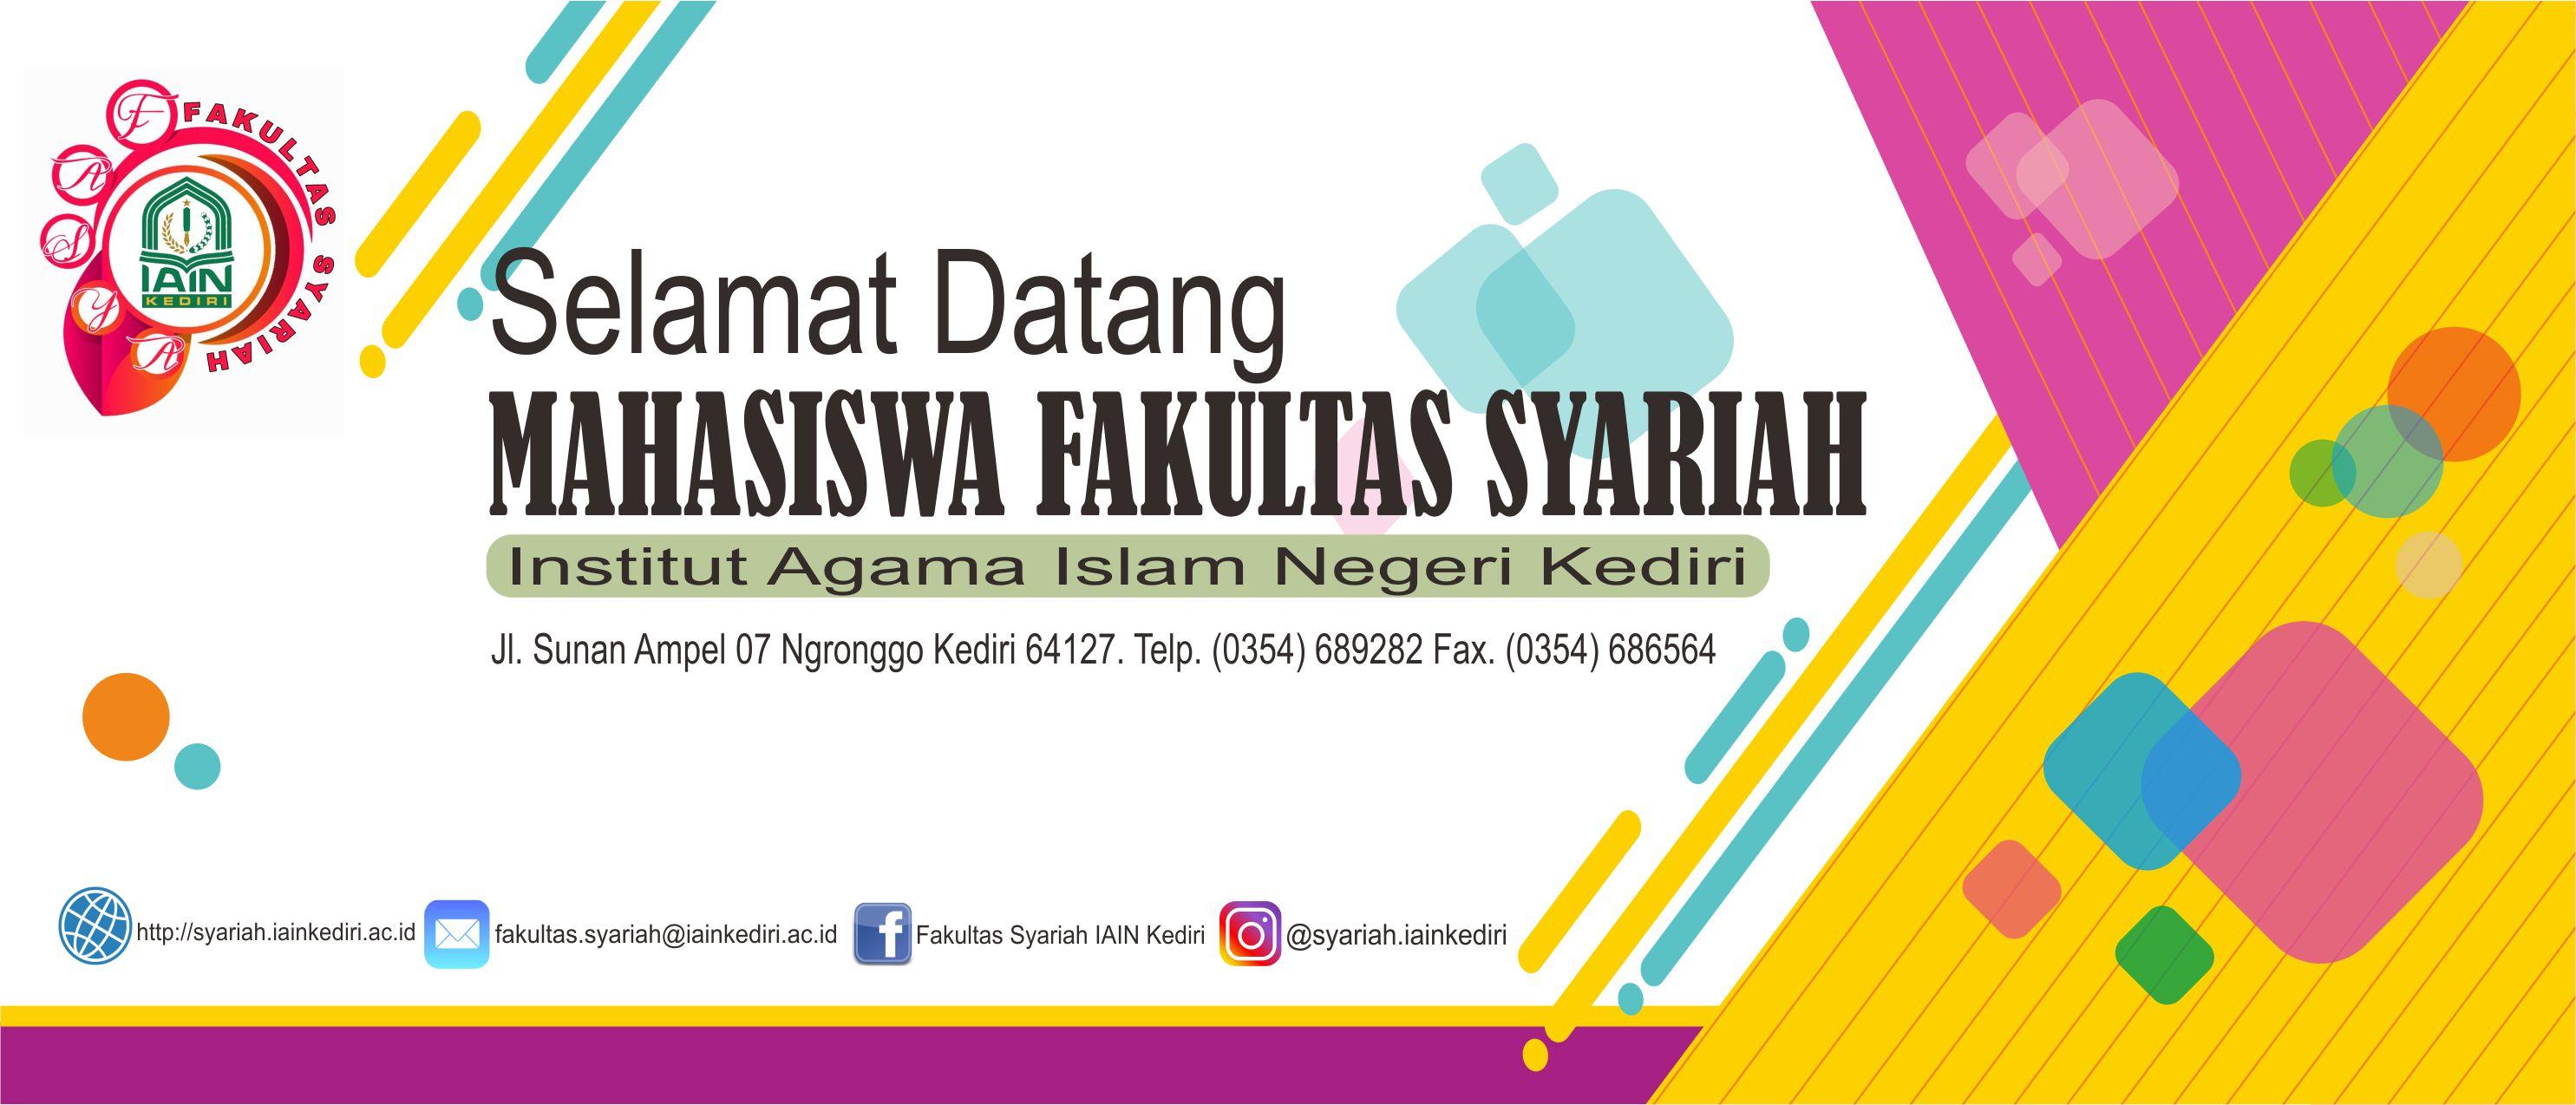 Fakultas Syariah Iain Kediri Religius Profesional Dan Berkeadilan